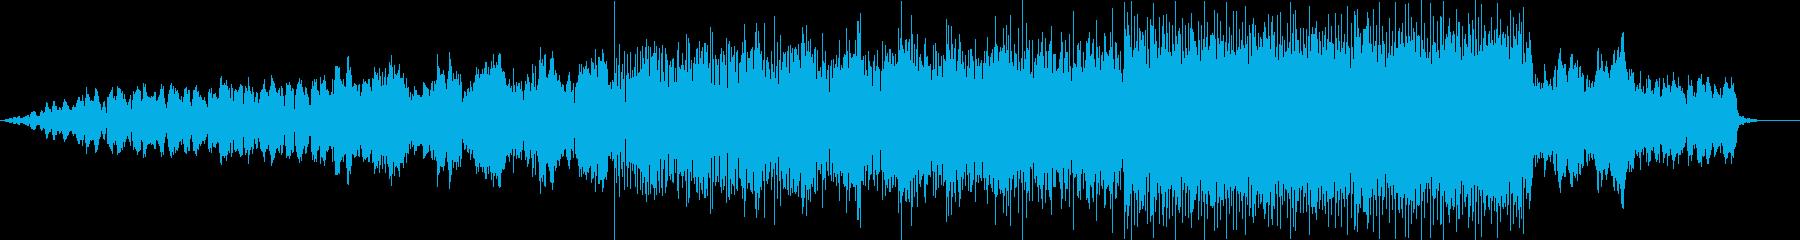 無機質で恐ろしいエレクトロニカの再生済みの波形